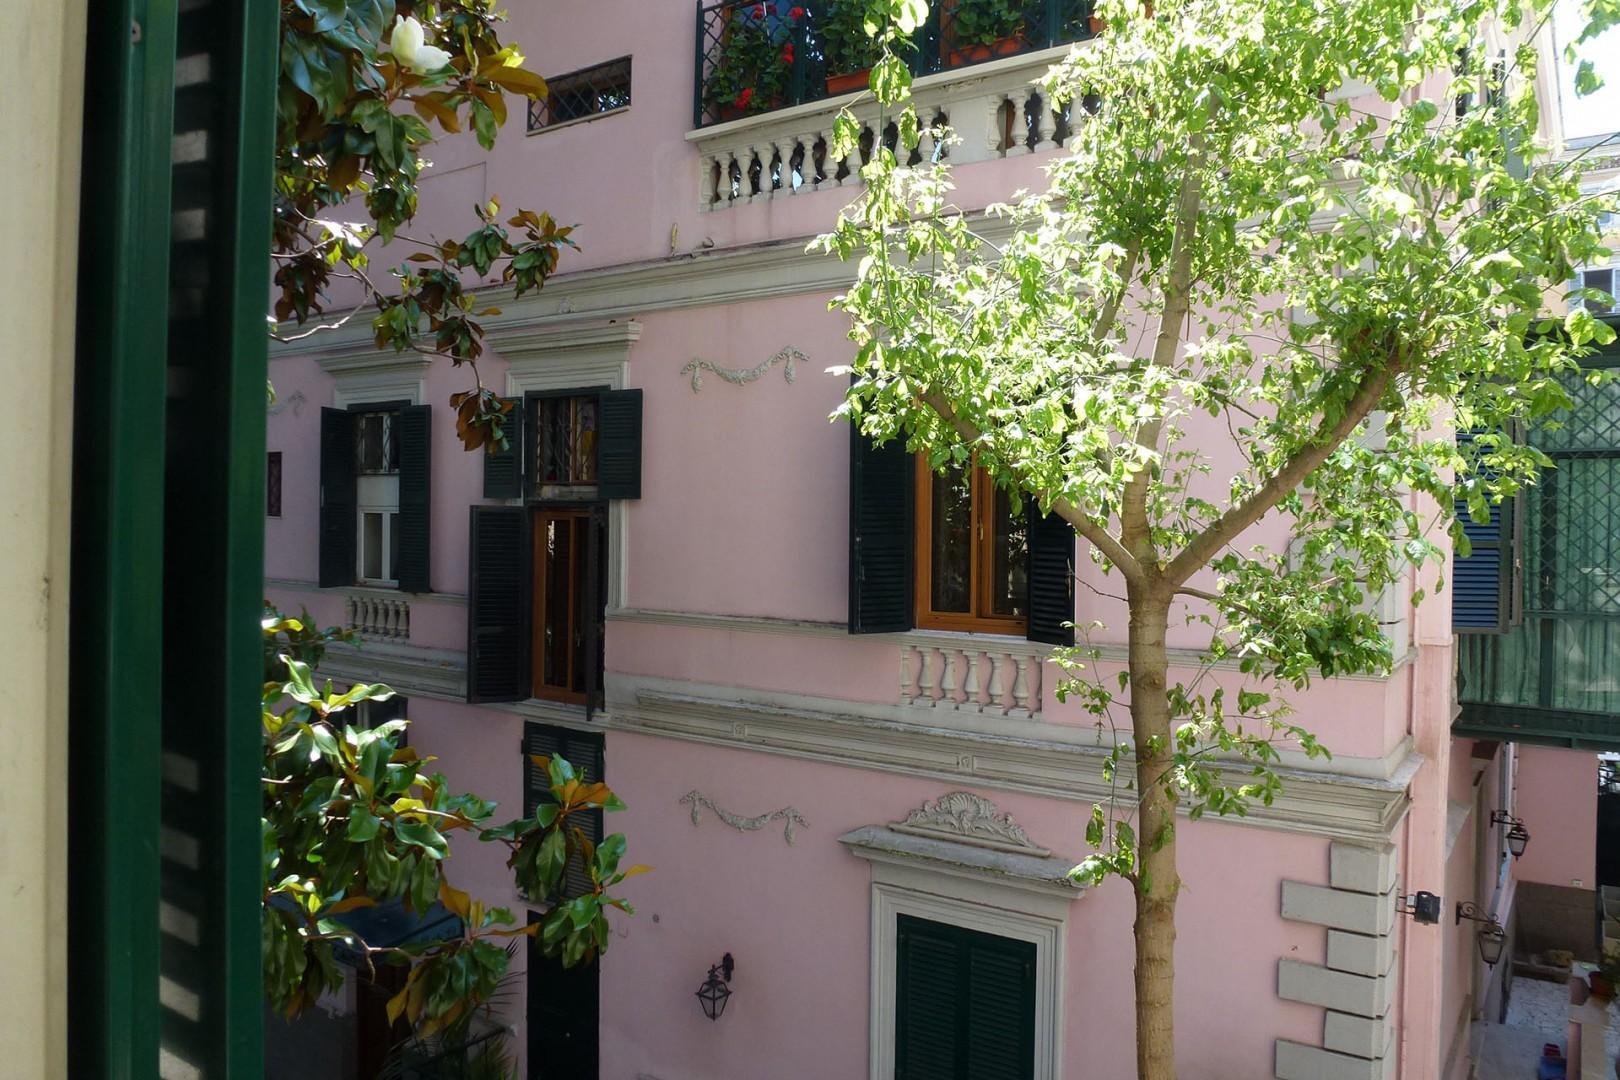 Windows overlook dreamy Art Nouveau neighboring buildings.